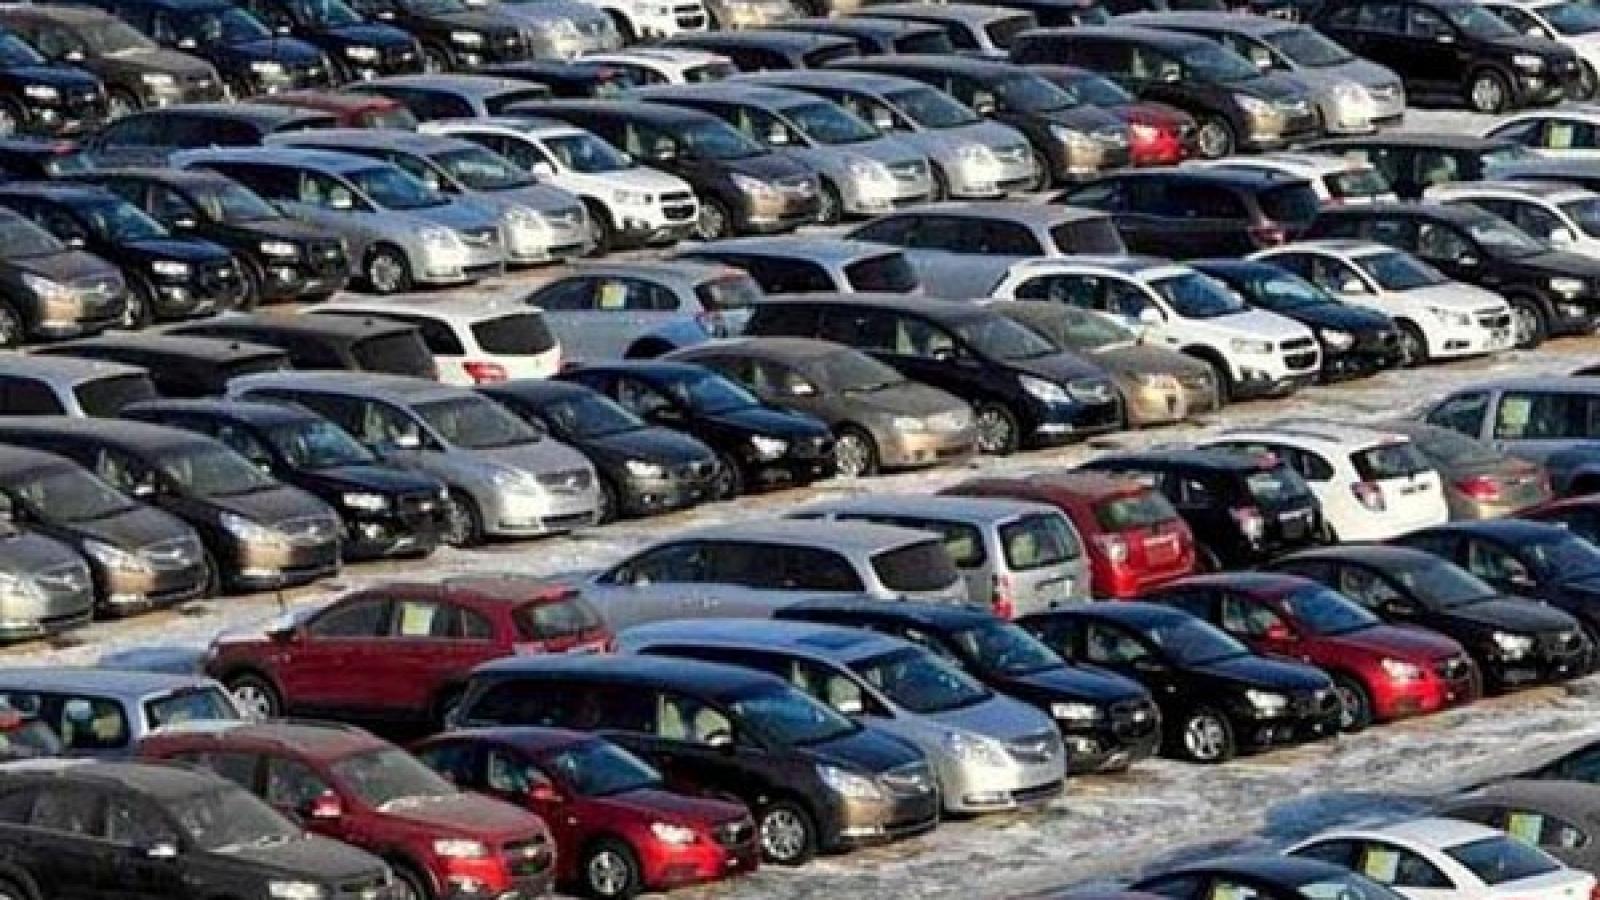 گرههای صنعت خودرو در حال باز شدن است - اجاره خودرو طباطبایی